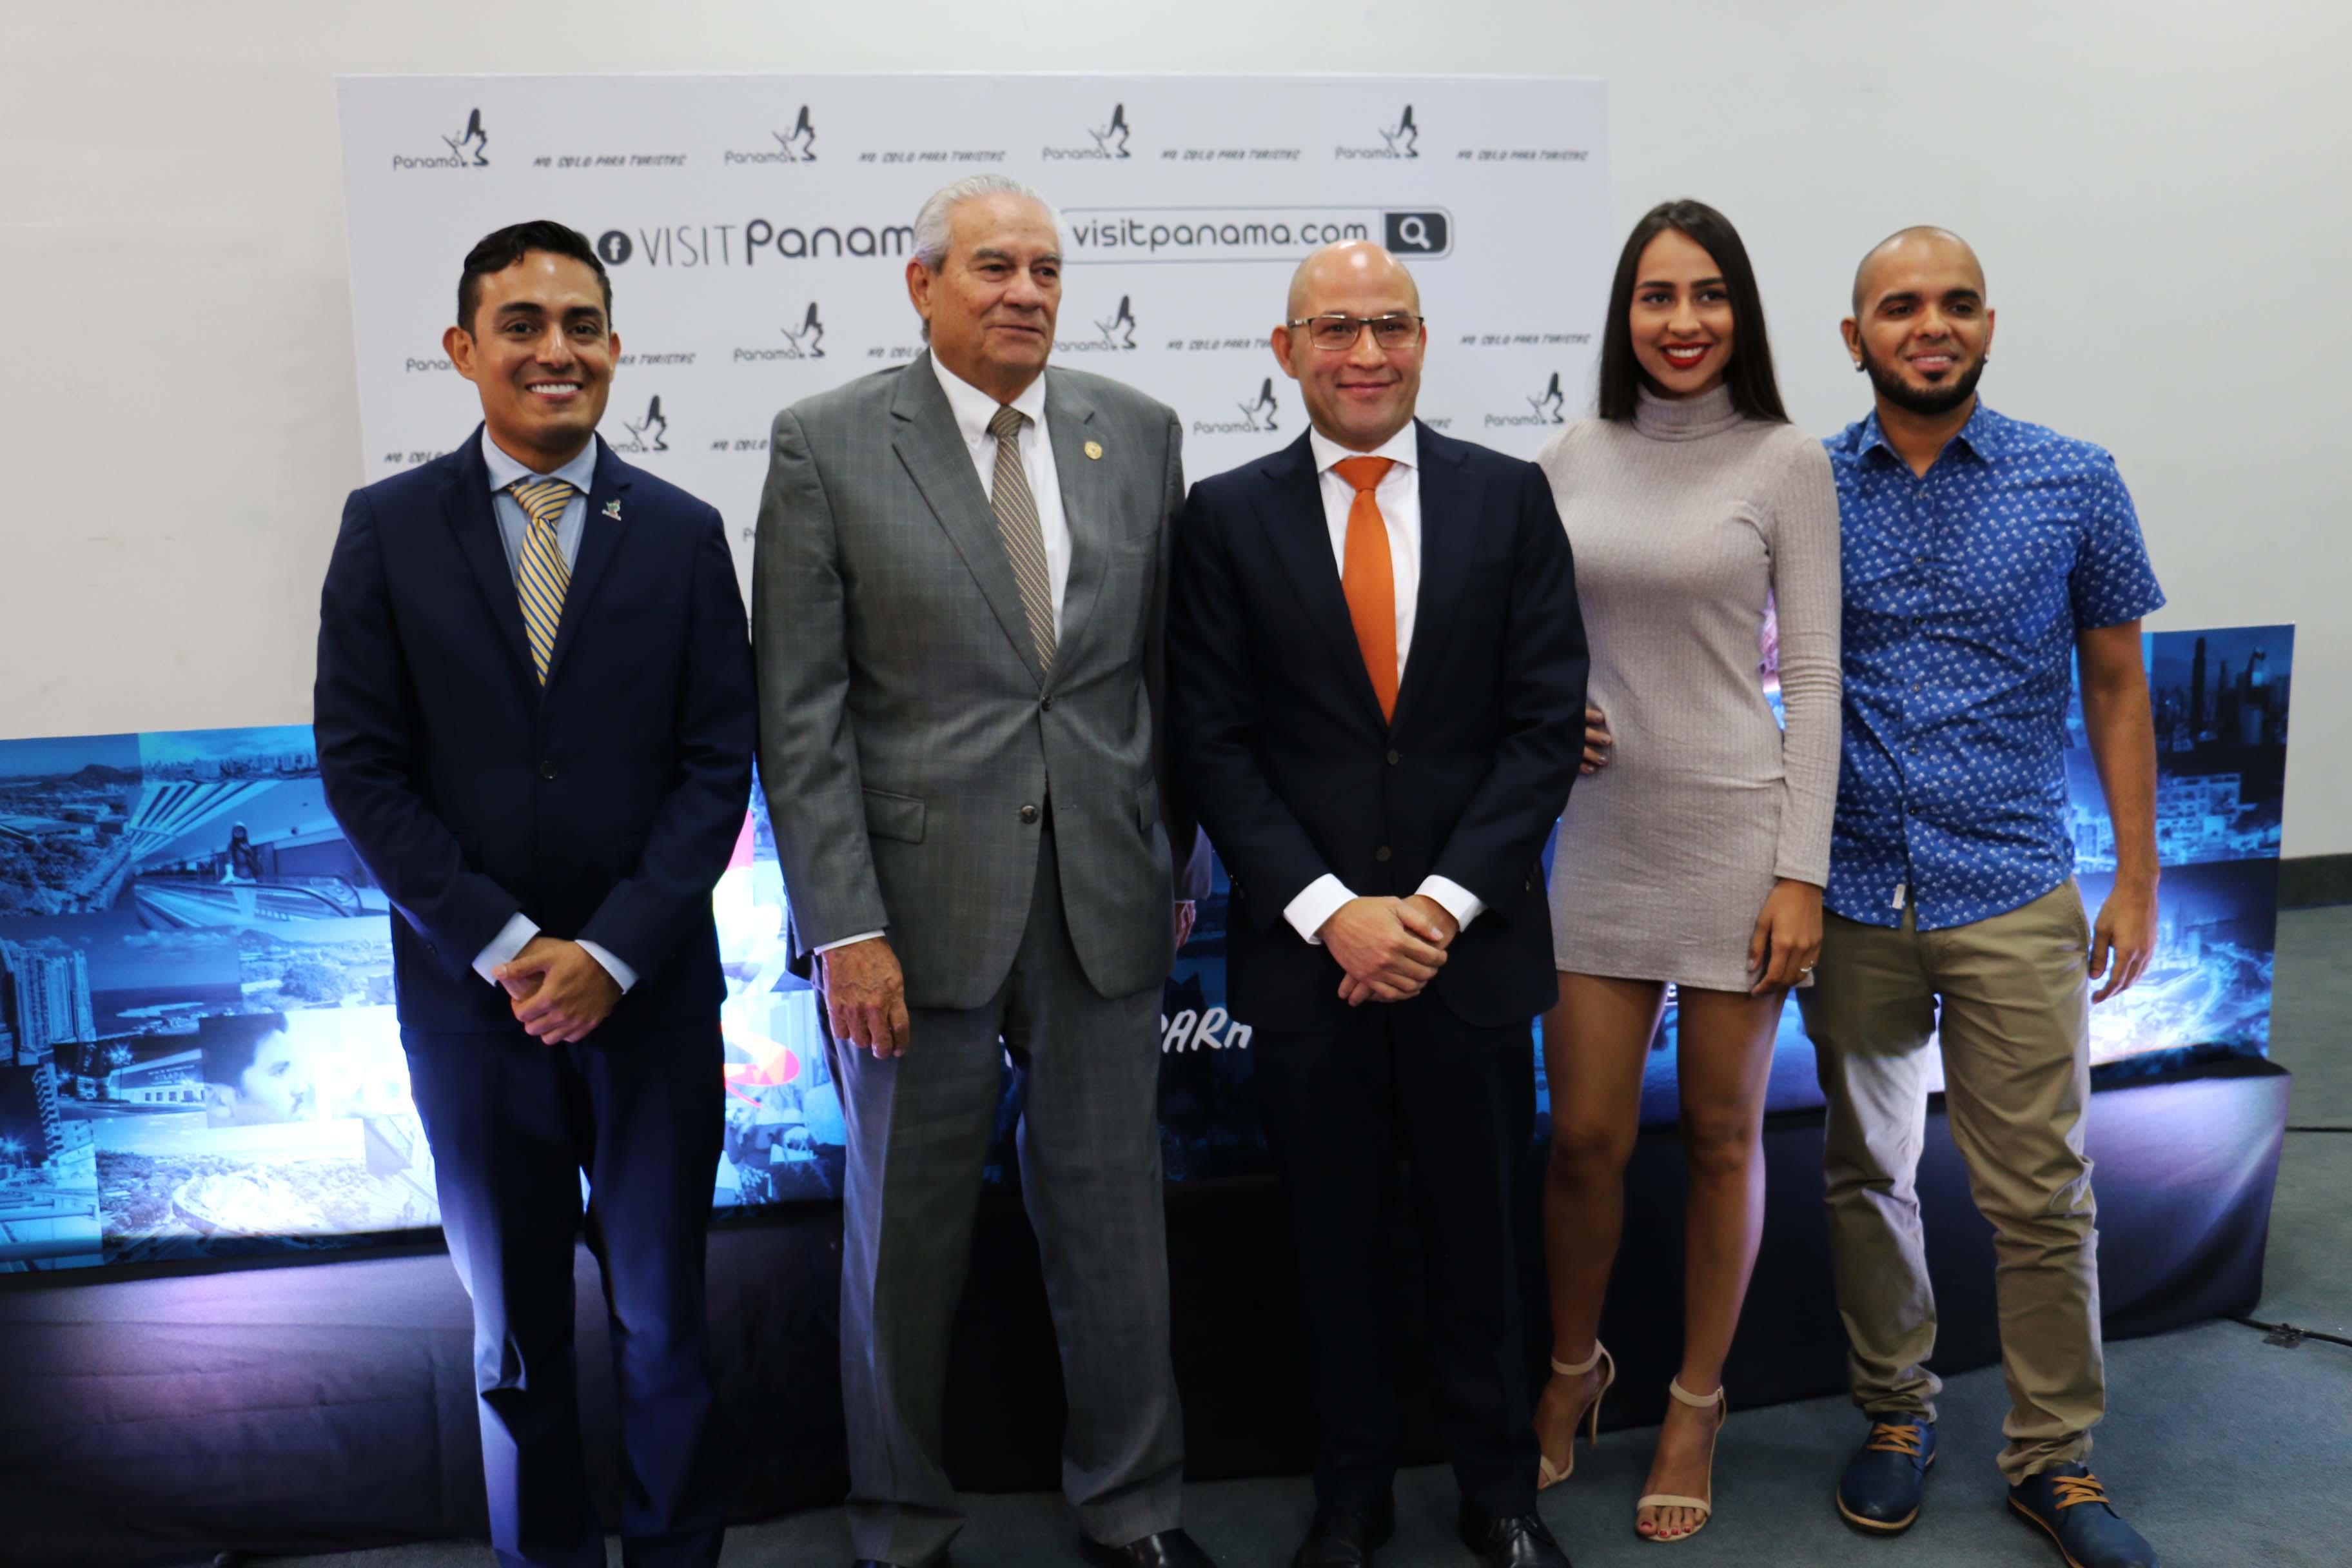 Enrique Sanchez de ATP, Antonio Alfaro de CAMTUR, Gustavo Him Ministro de Turismo y Karen Santiago y Carlos De Sedas de la orquesta Mecanik Informal